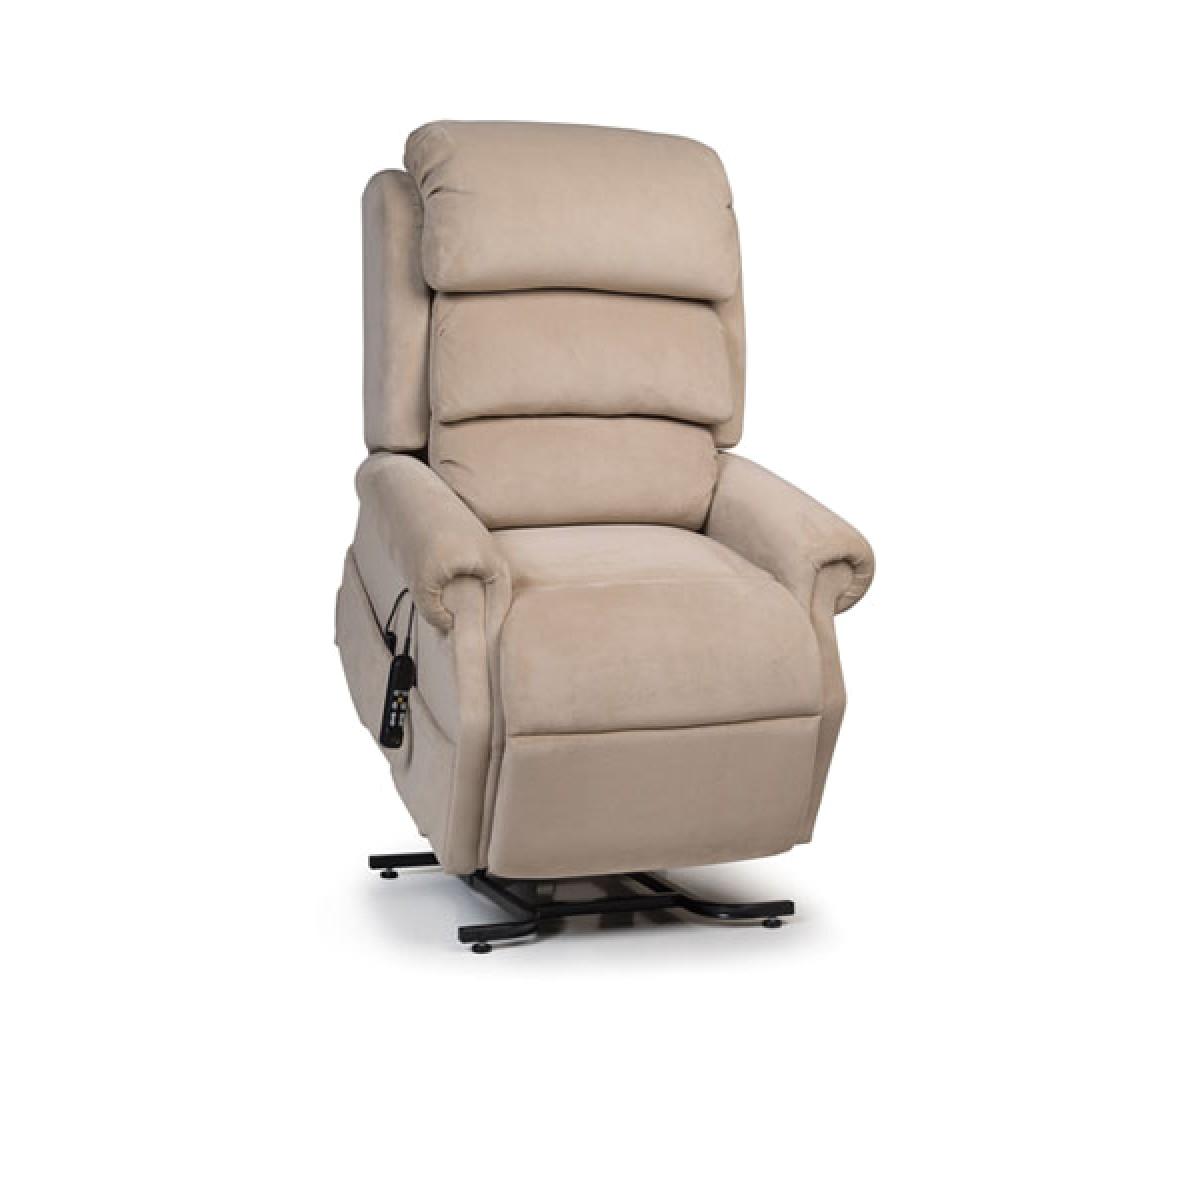 Ultra Comfort Lift Chair Uc550 Ultra Comfort Lift Chair Chair Ideas